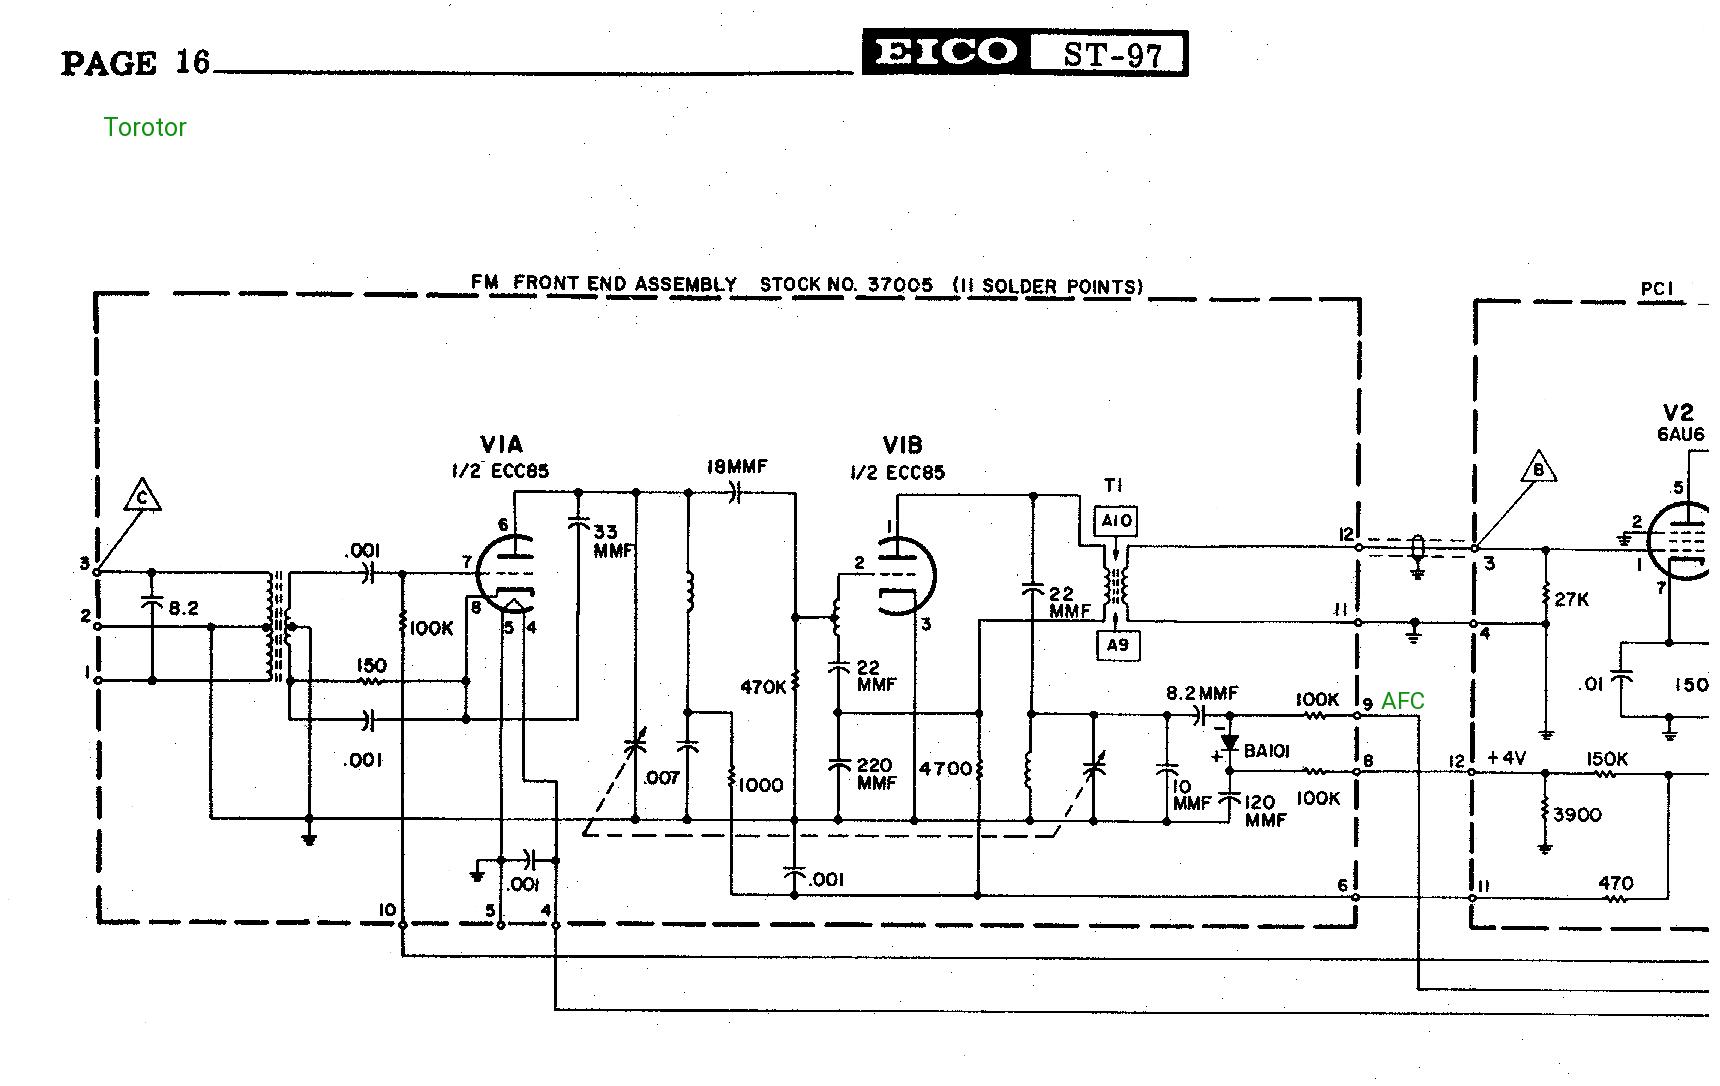 Eico_ST-97_FM-moduli_37005.png